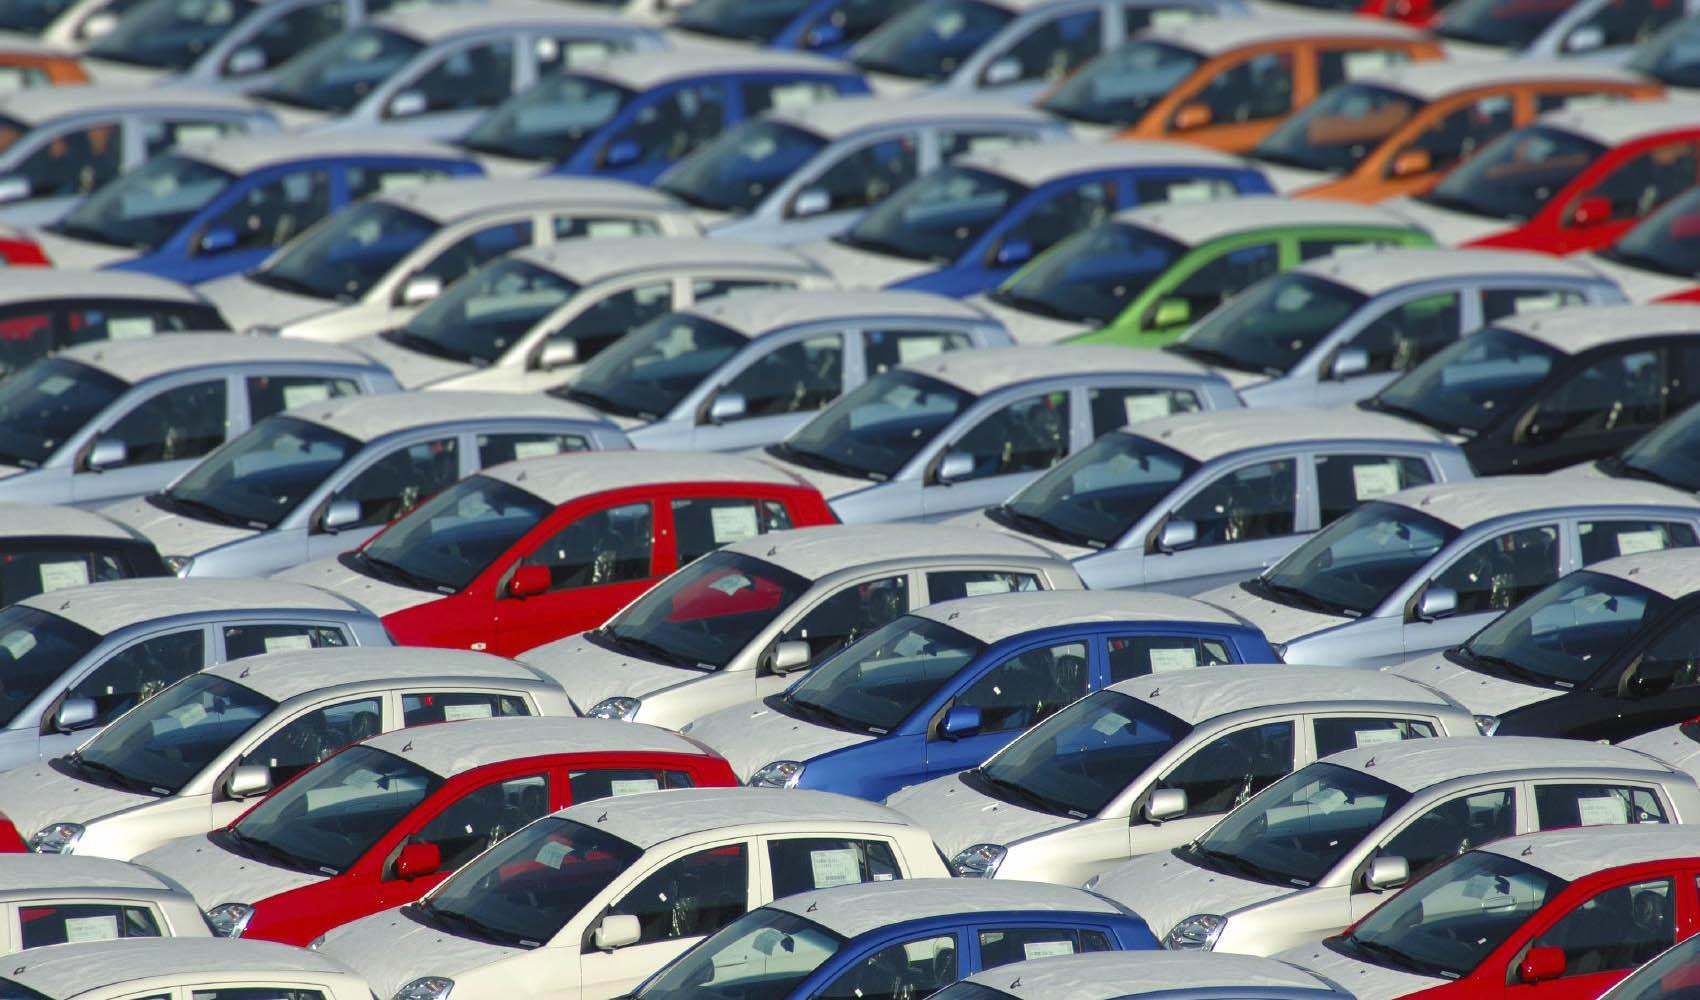 ارائه ۴ پیشنهاد انجمن واردکنندگان خودرو به دولت برای واردات بدون انتقال ارز